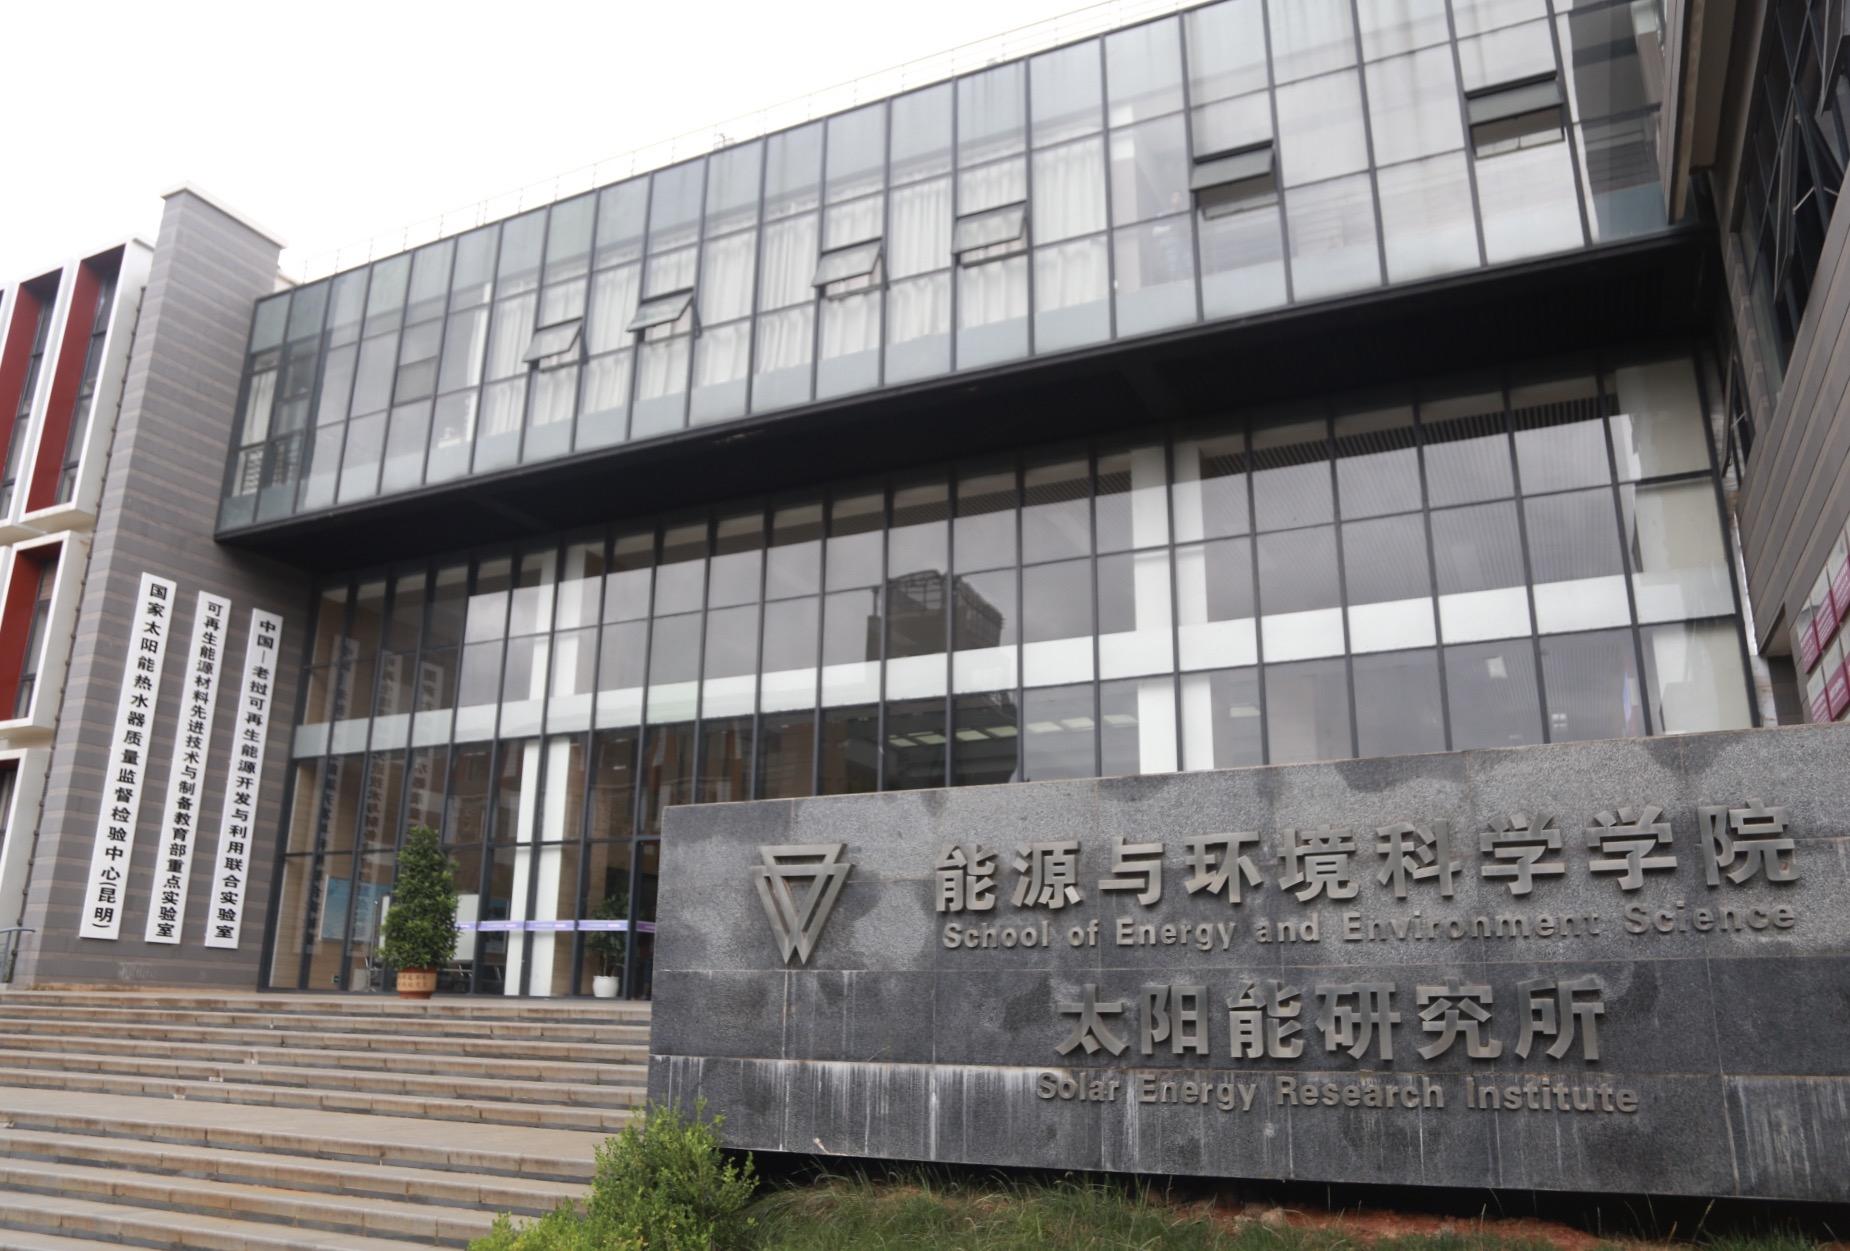 【共舞长江经济带】薪火承续化新光 昆明大学城推动云南融入一带一路大发展